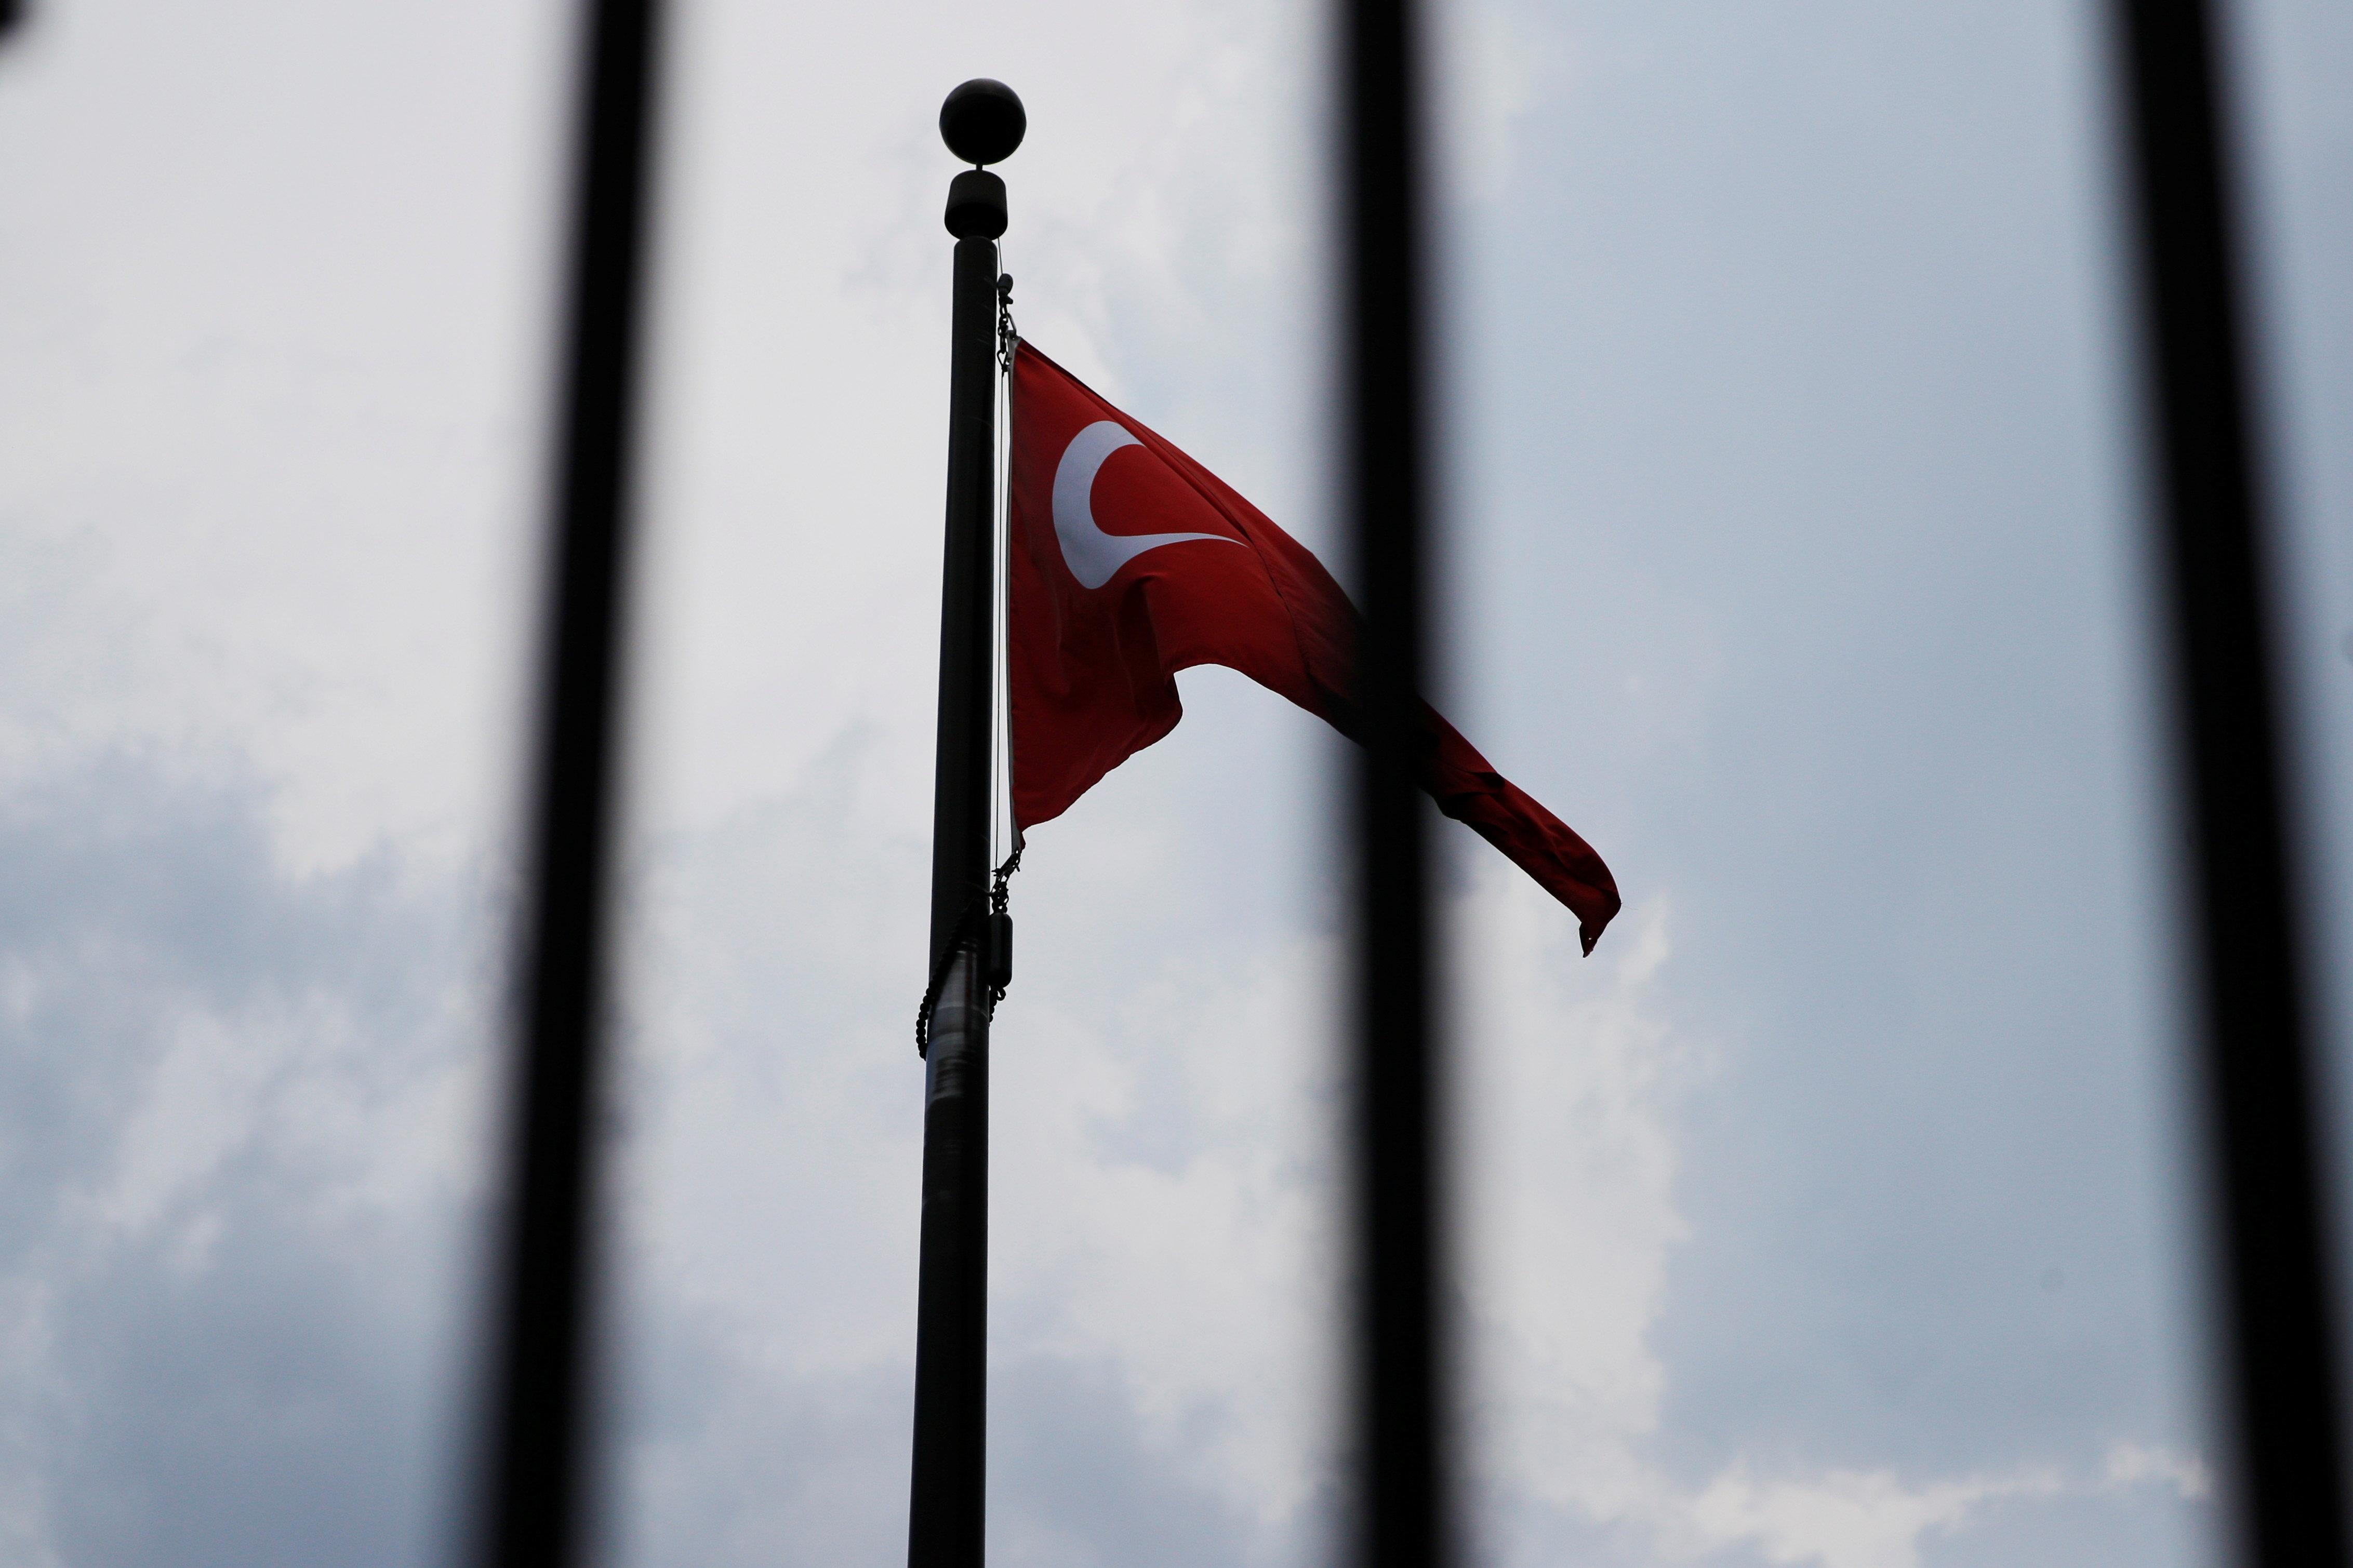 Αμερικανό-Τουρκικός οικονομικός πόλεμος, φόβοι και